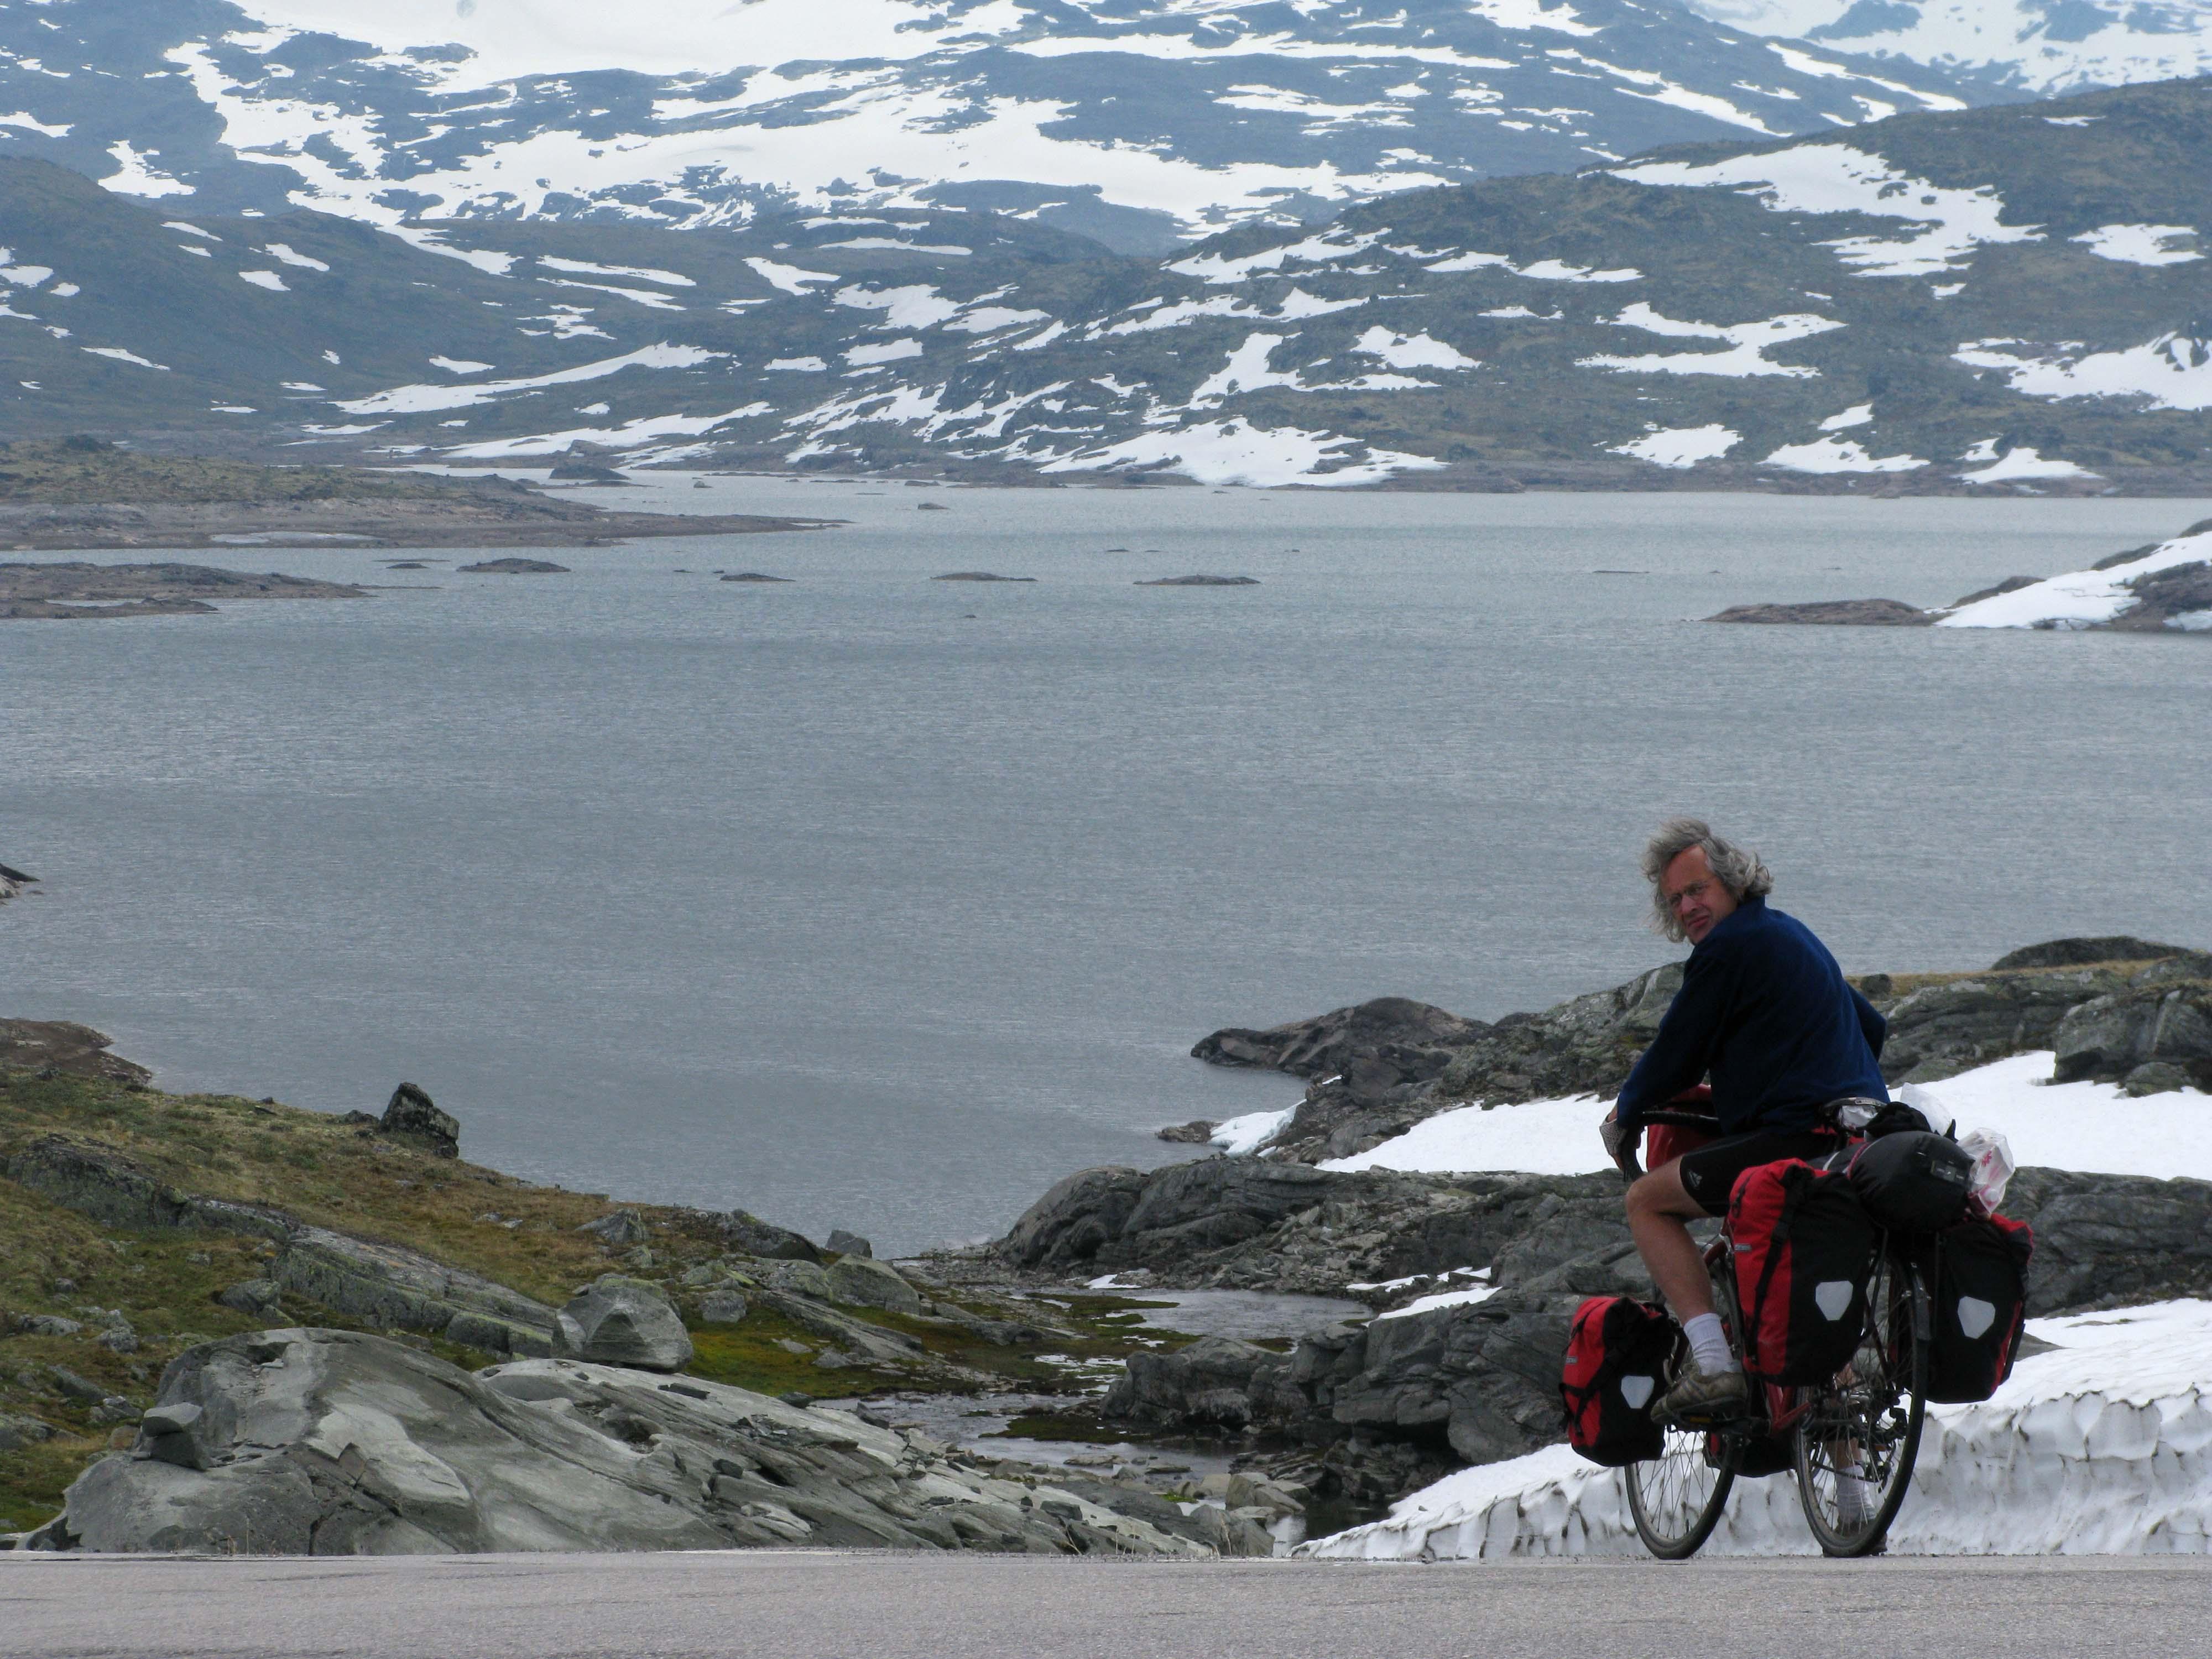 norwegen-sognjefjell-wolfgang-vor-see